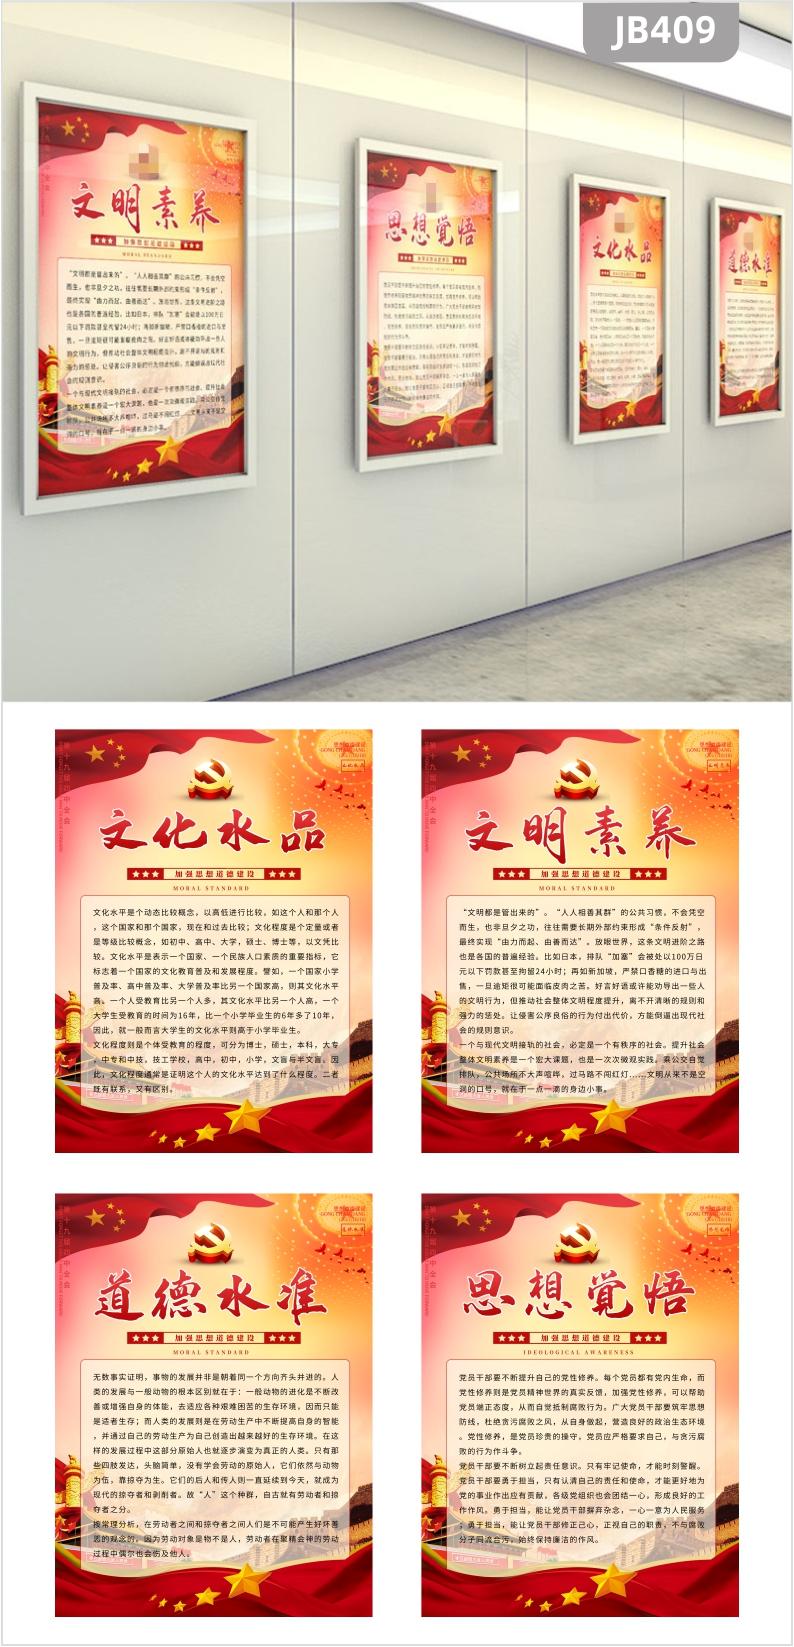 党建文化墙装饰挂画办公室宣传海报挂图展板走廊布置文明素养思想觉悟